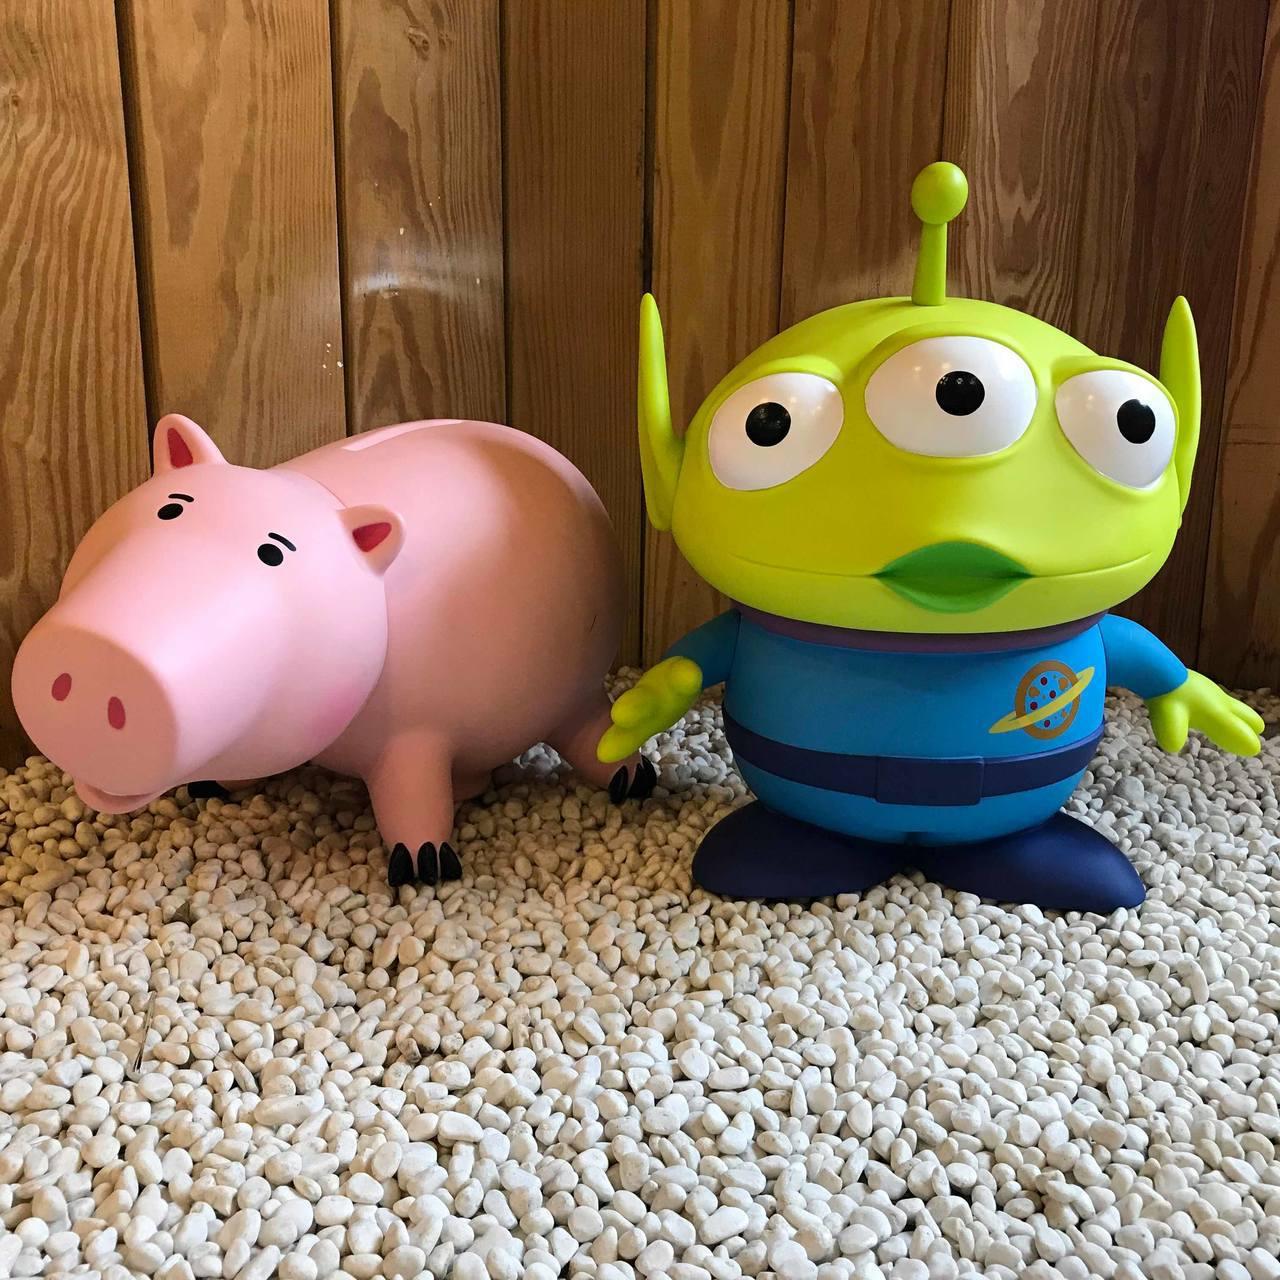 全家便利商店「玩心總動員」第二波集點活動推出超有份量的大型三眼怪、火腿豬存錢筒,...